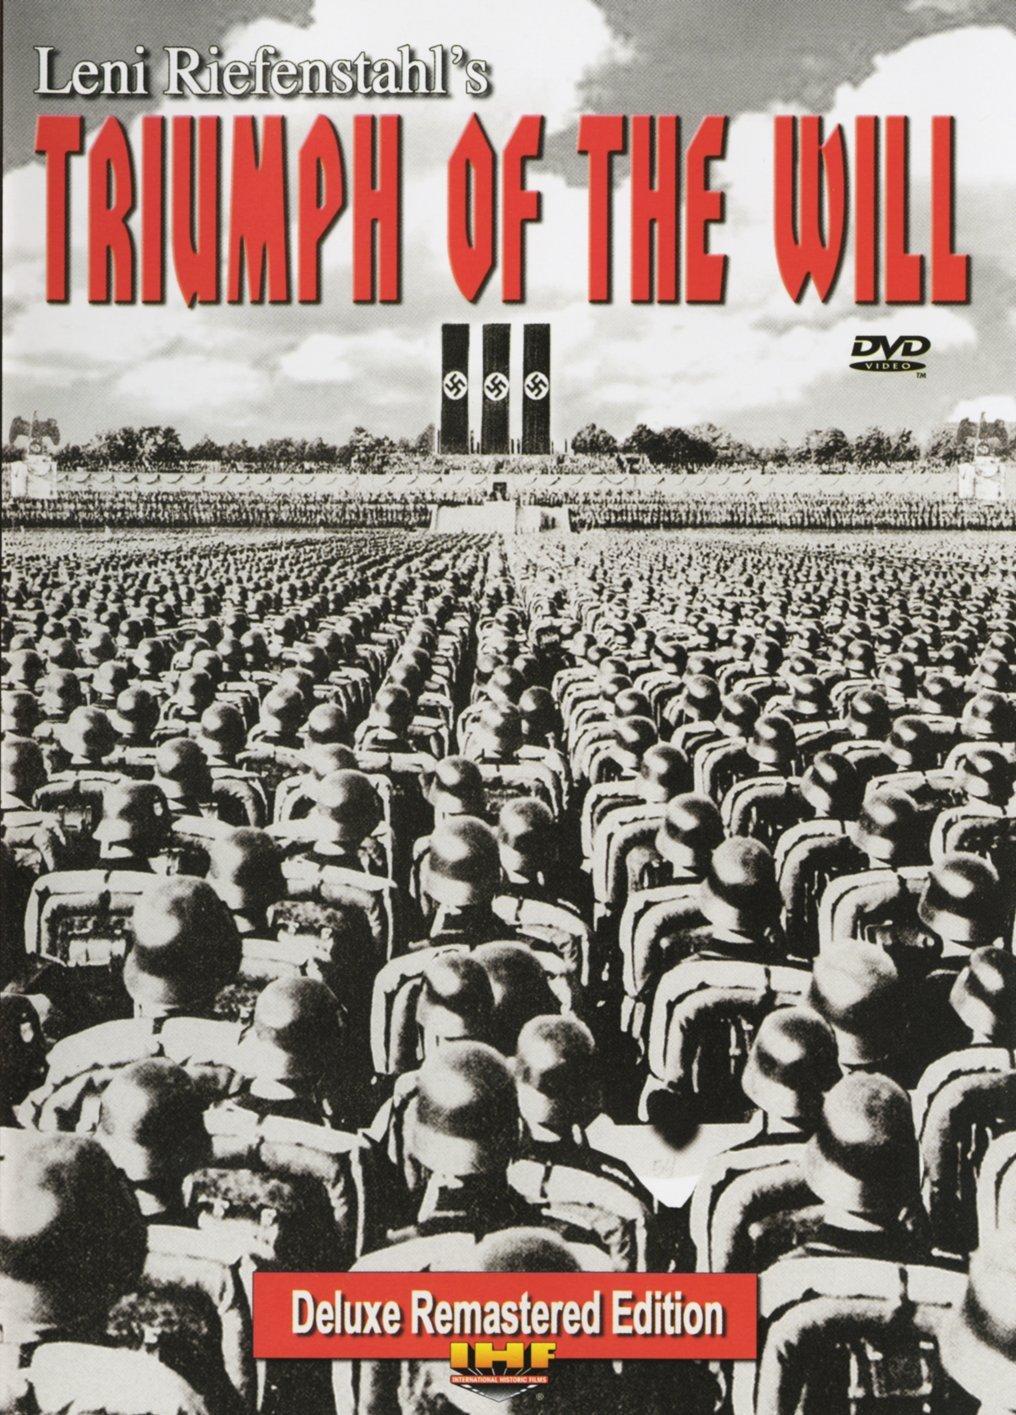 Amazon.com: Triumph of the Will (Remastered IHF Deluxe Edition): Adolf Hitler, Hermann Goering, Rudolf Hess, Werner Von Blomberg, Werner Von Fritsch, Joseph Goebbels, Heinrich Himmler, Leni Riefenstahl: Movies & TV